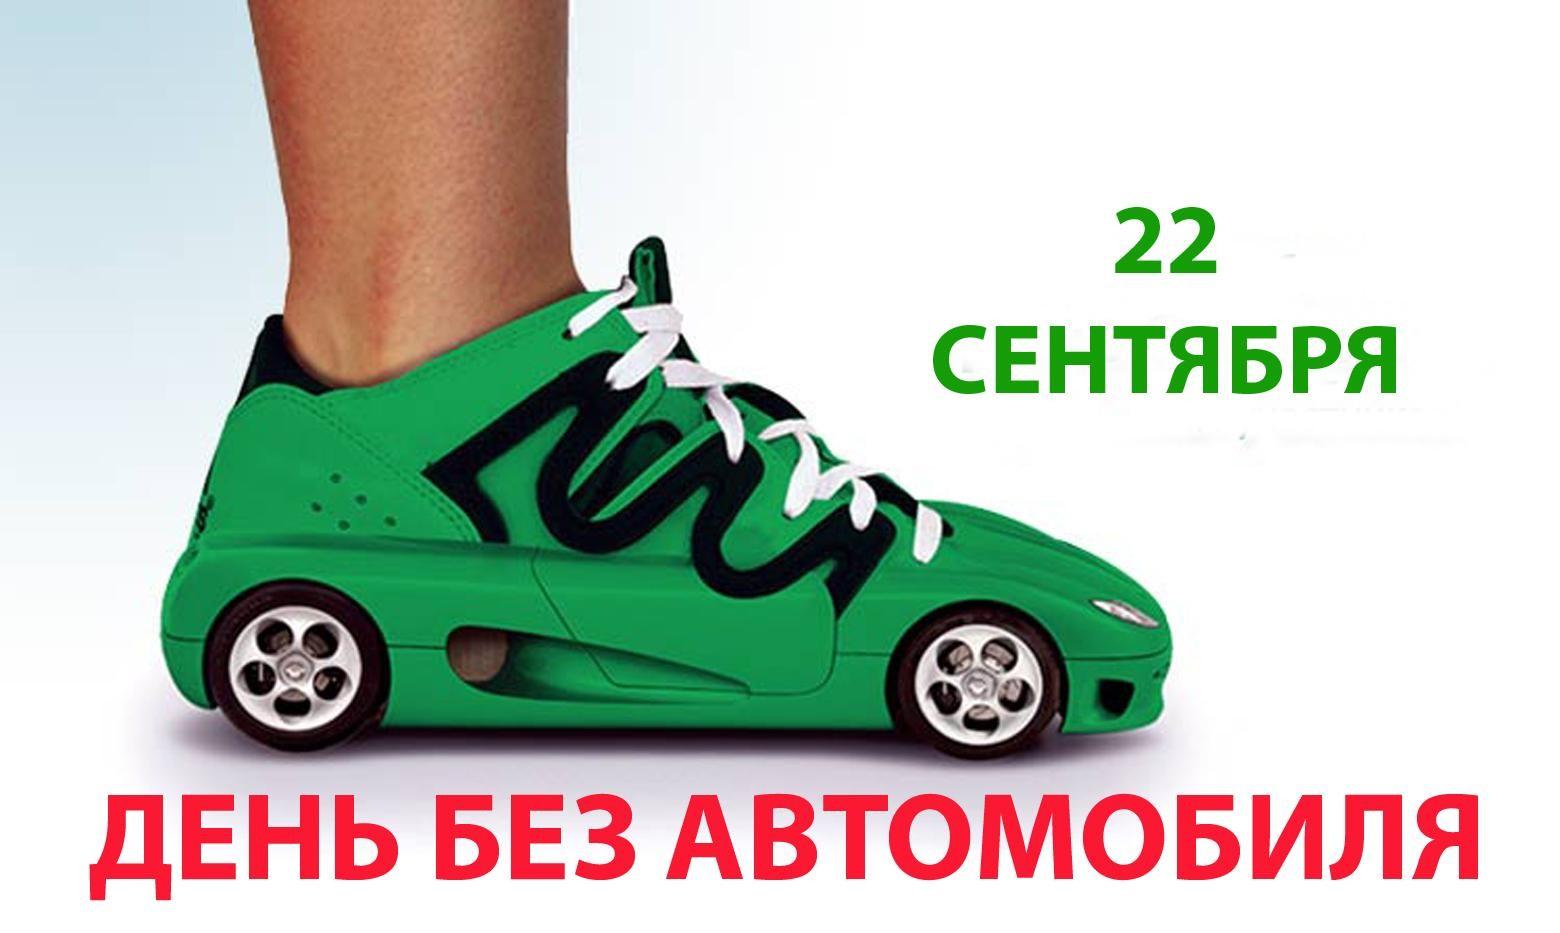 Барнаульцев призывают отказаться отавтомобиля 22сентября